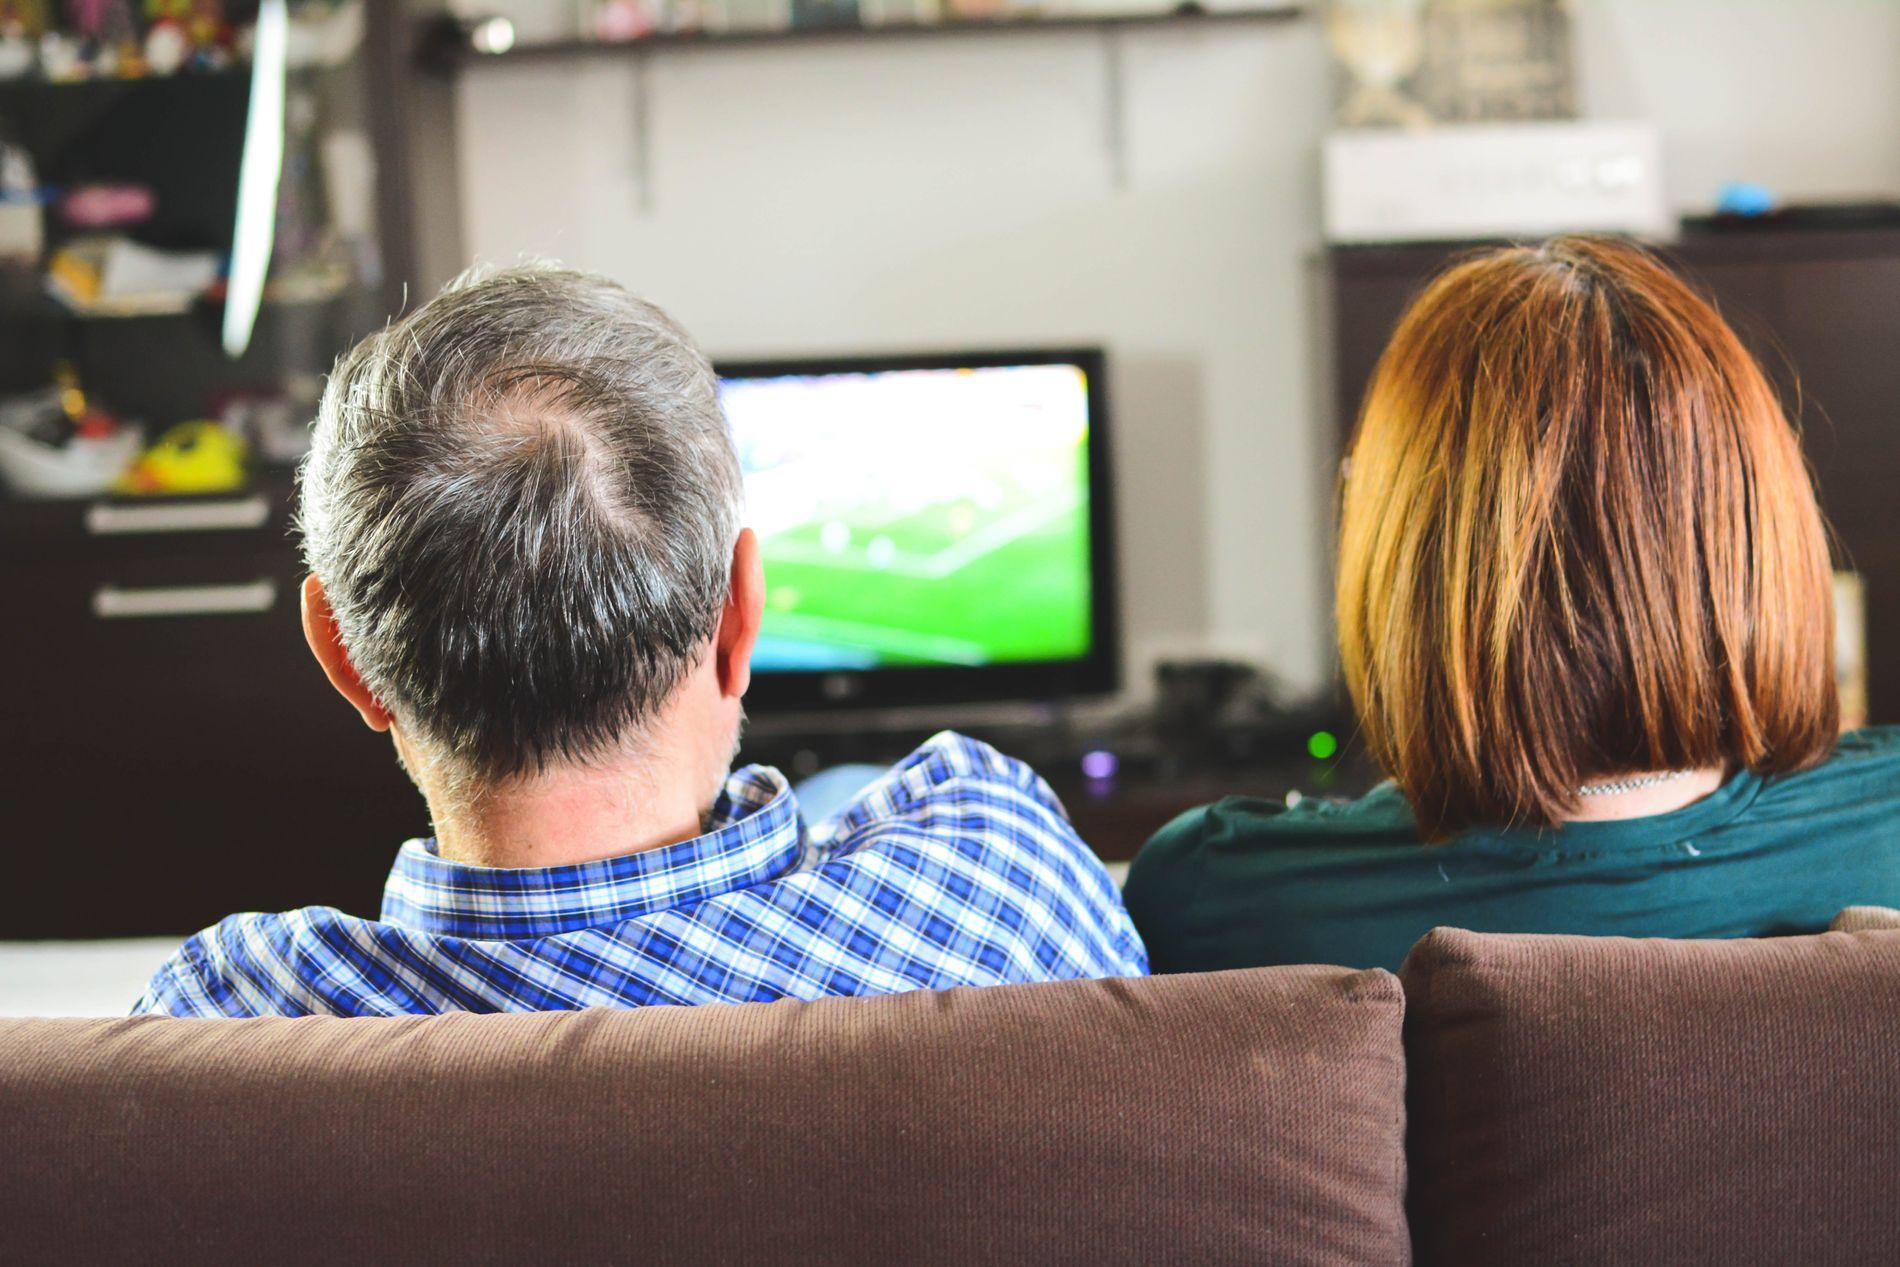 GJENGANGER: Dagens debatt handler om ungdommers og fotballklubbers bruk av spill. Debatten likner til forveksling mange debatter jeg har opplevd gjennom årene mine her på kloden vår. «Dette er farlig for oss, og spesielt for ungdommen. Dette må forbys», skriver innsenderen.